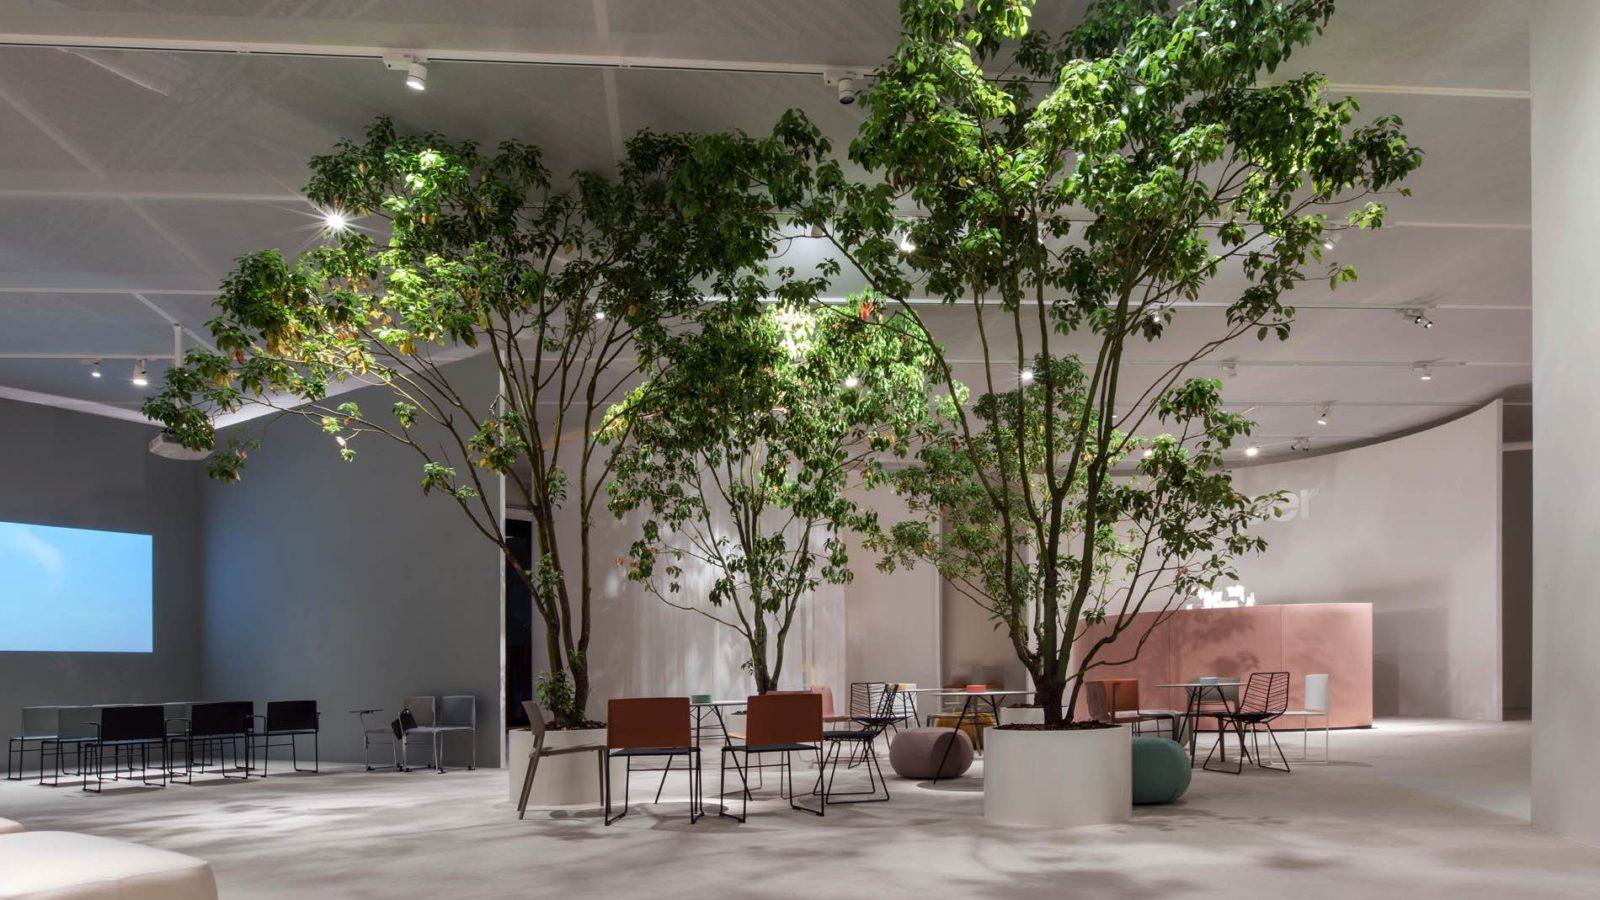 Bottega - Dettaglio allestimento stand Arper per l'edizione 2019 del Salone del mobile di Milano